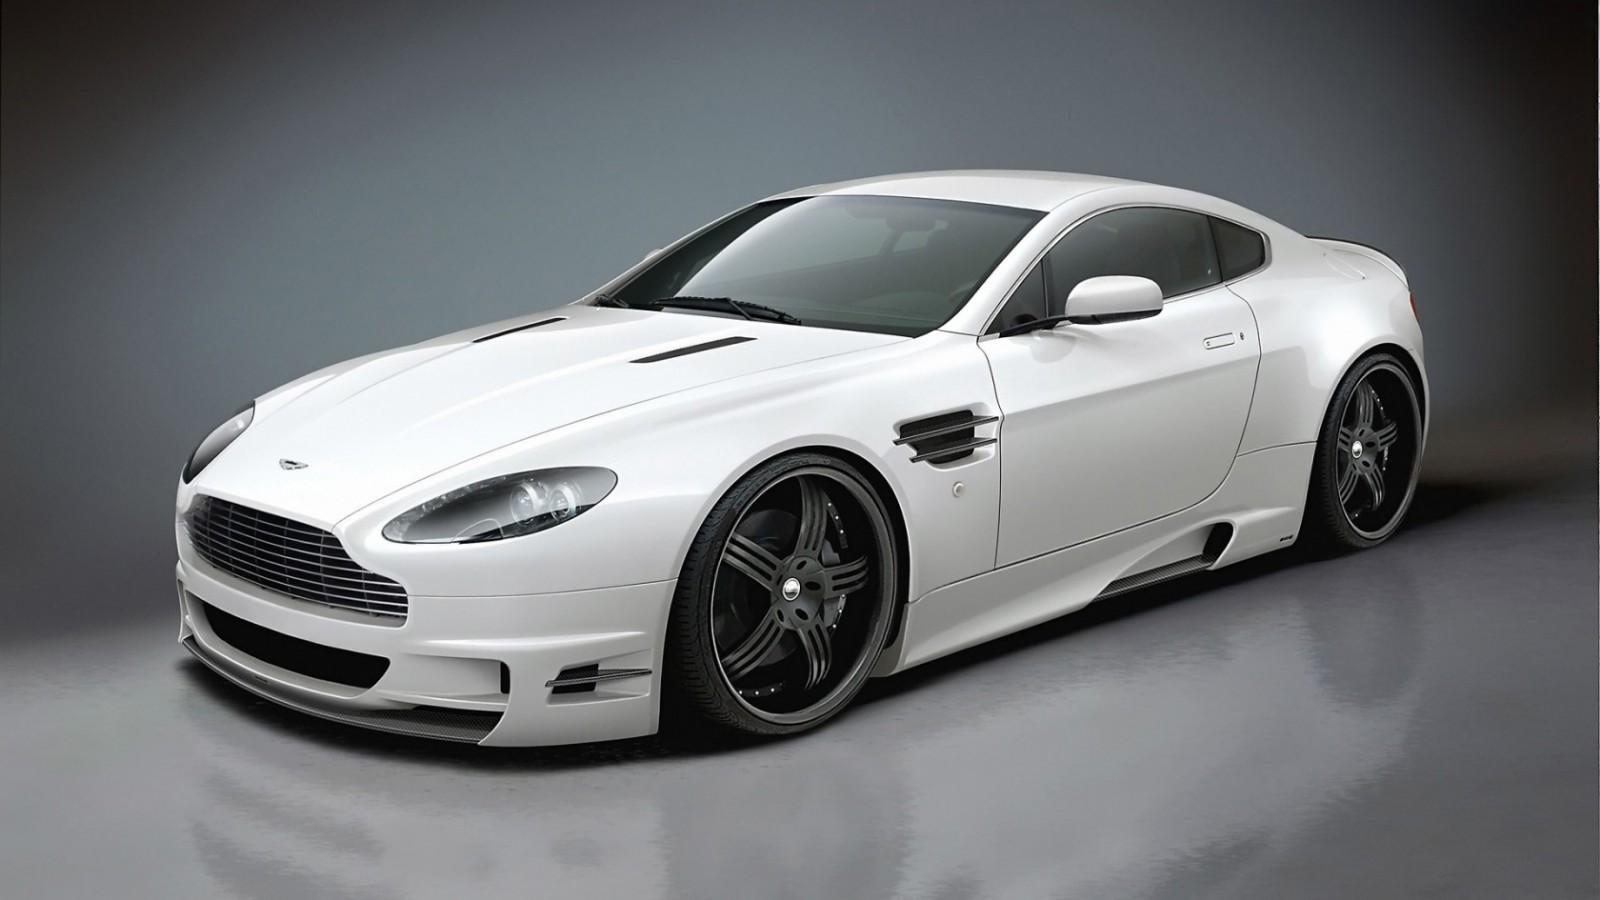 Aston-Martin-Premier-4509-Vantage